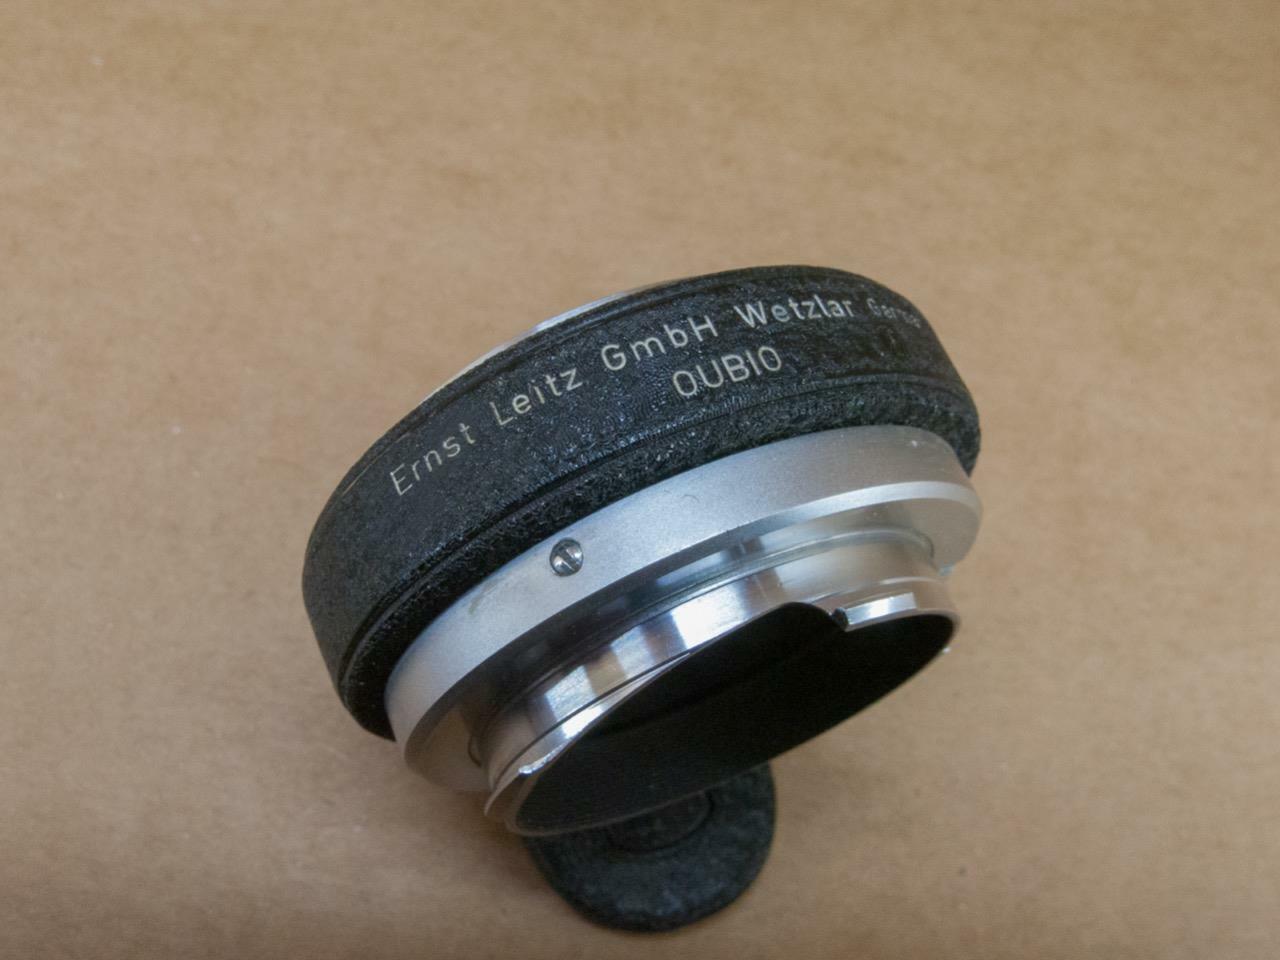 Leitz Leica OUBIO / 16466M adapter/ext tube for Visoflex II or III